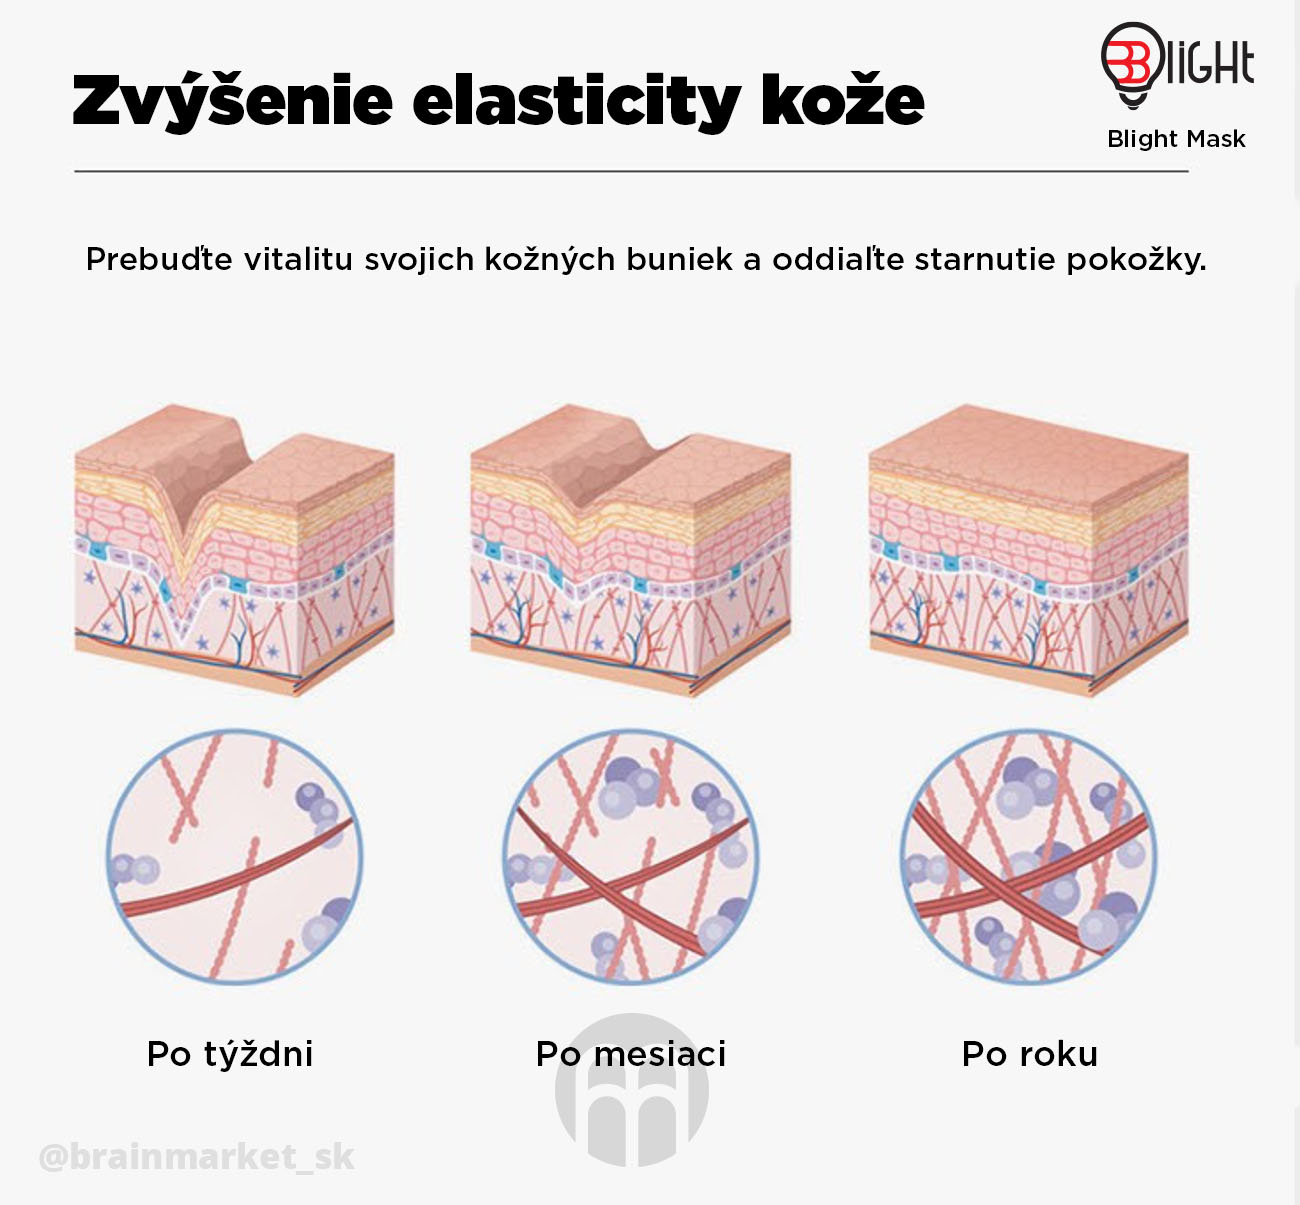 zvysenie-elasticity-koze-infografika-brainmarket-sk